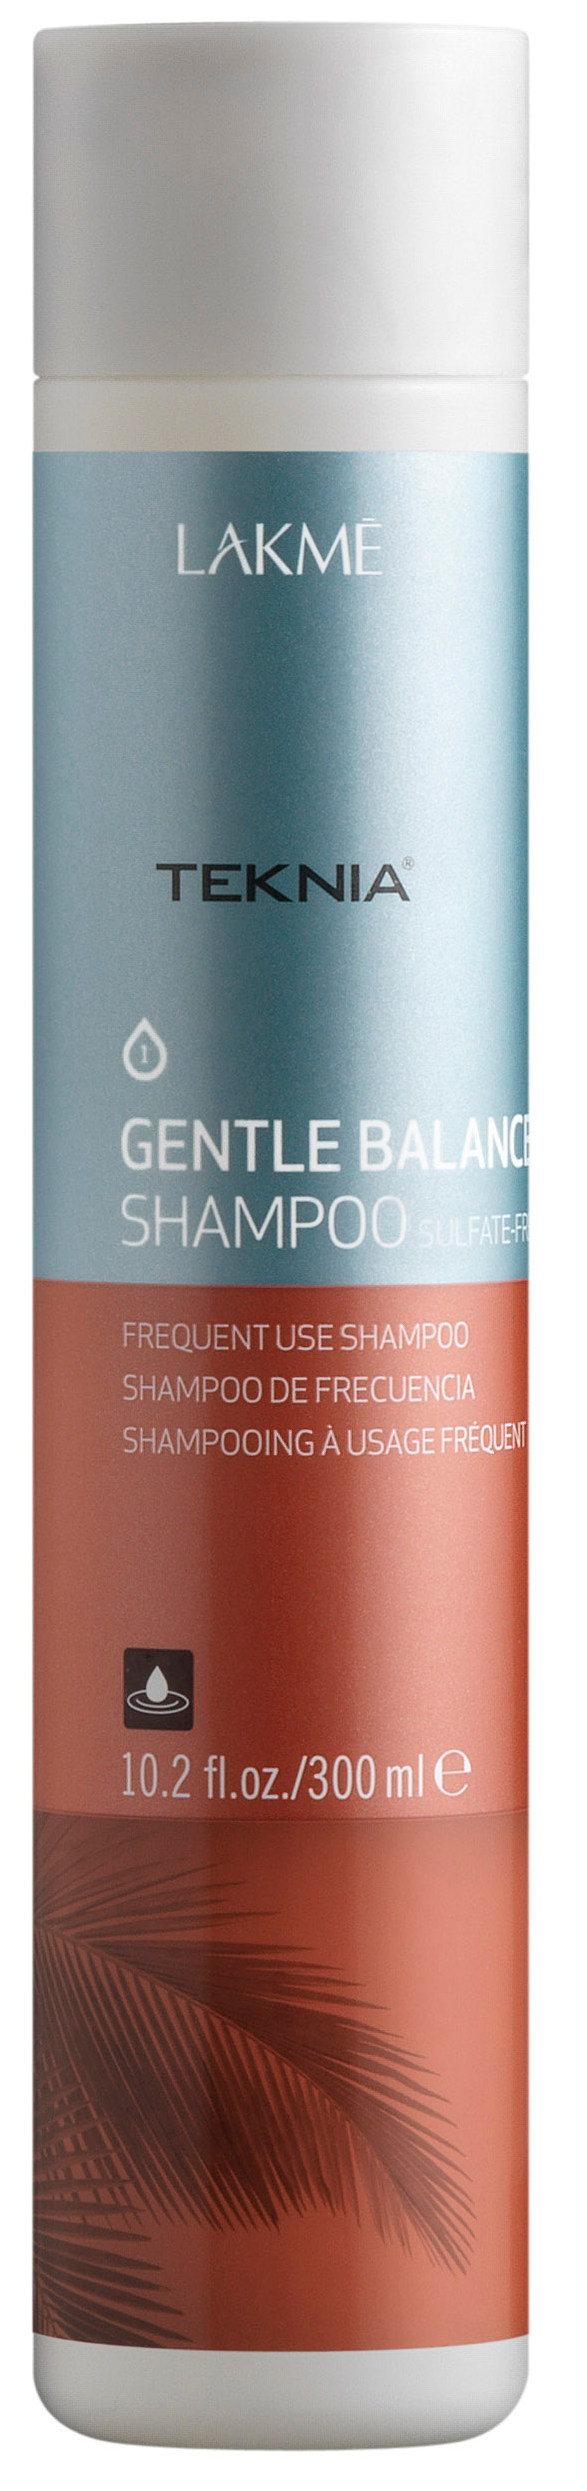 Купить LAKME Шампунь для частого применения для нормальных волос / GENTLE BALANCE SULFATE-FREE SHAMPOO 300 мл